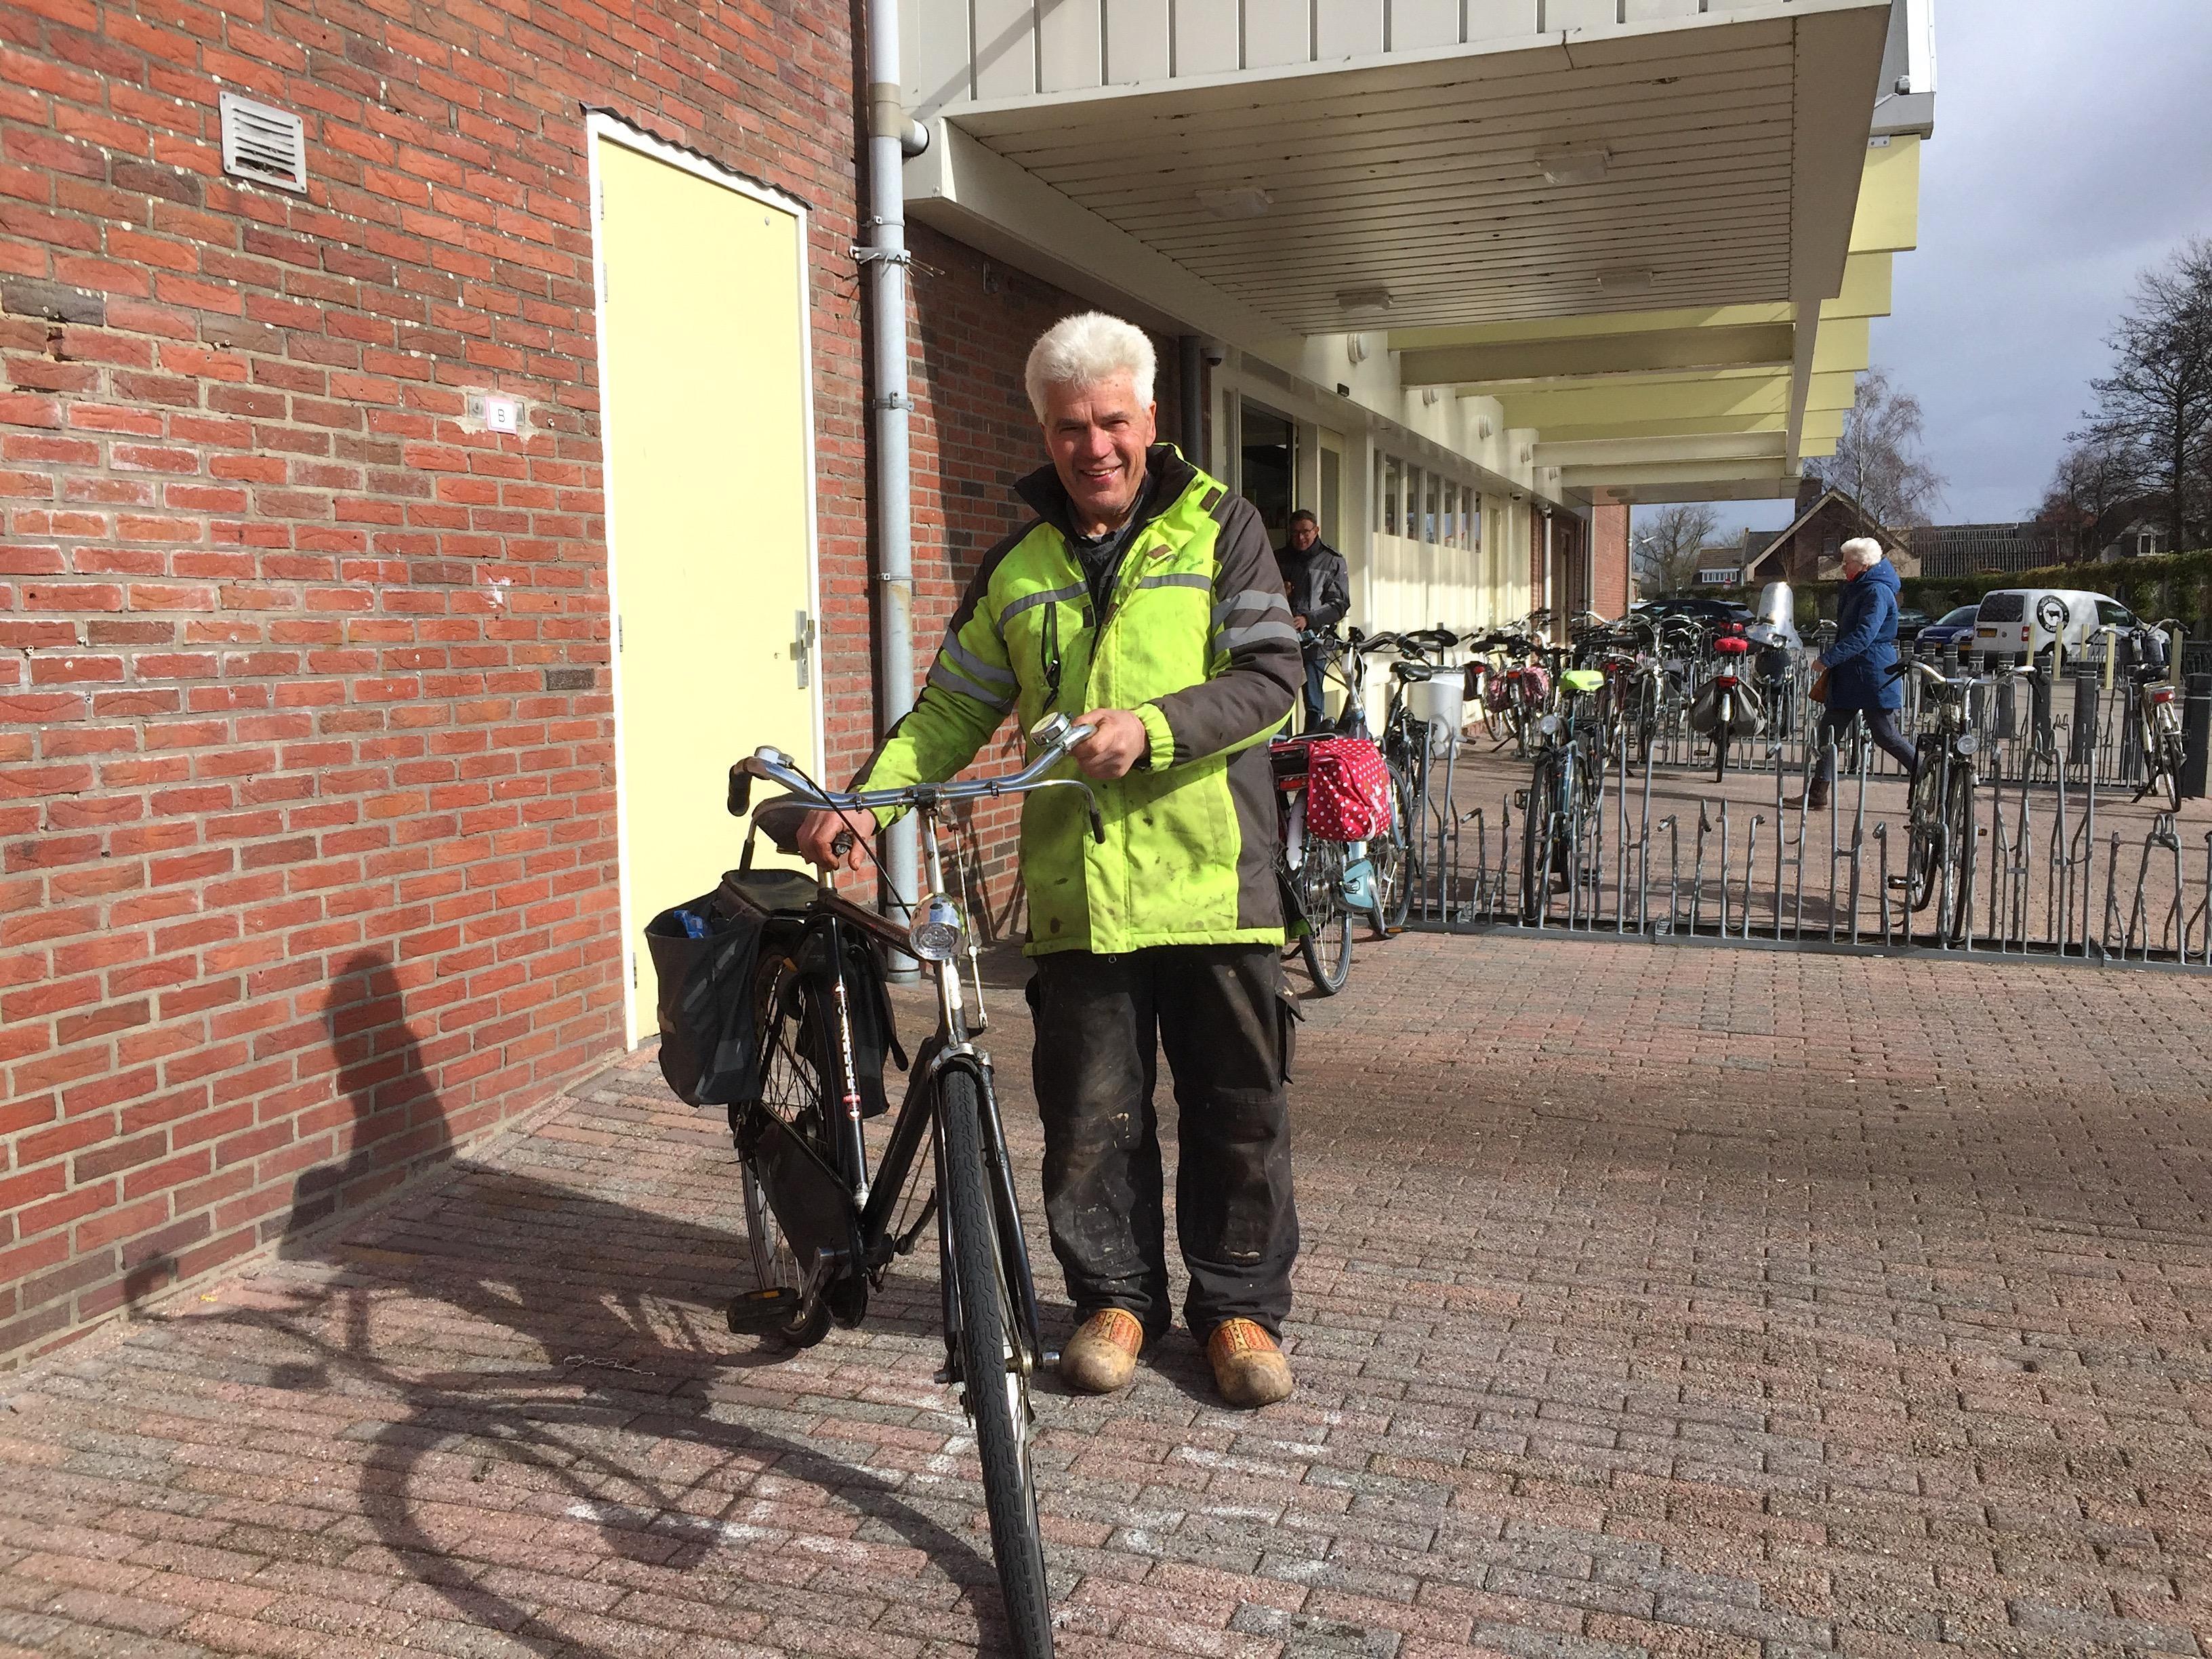 Onderweg: De in Broek op Langedijk gewortelde Piet (67) heeft maar één rotsvast geloof